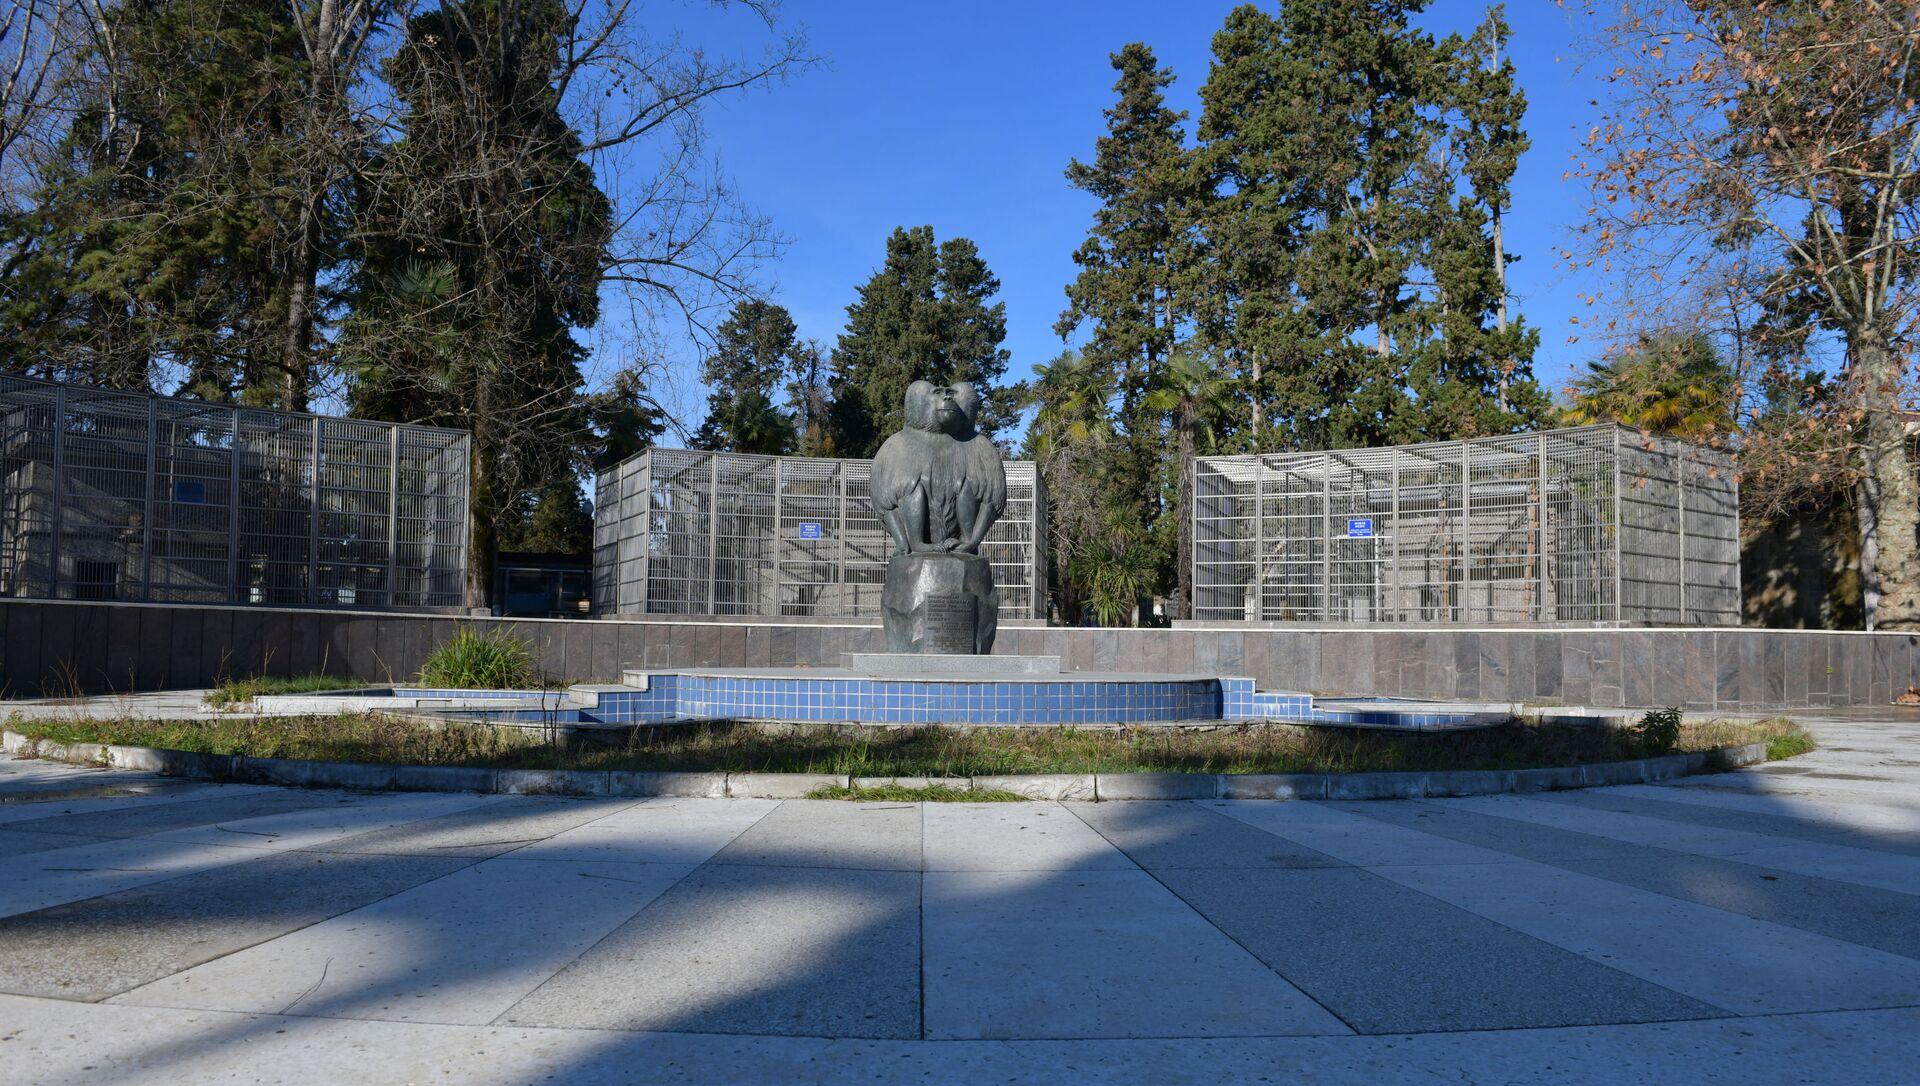 Памятник обезьяне на территории Сухумского питомника обезьян - Sputnik Абхазия, 1920, 25.07.2021